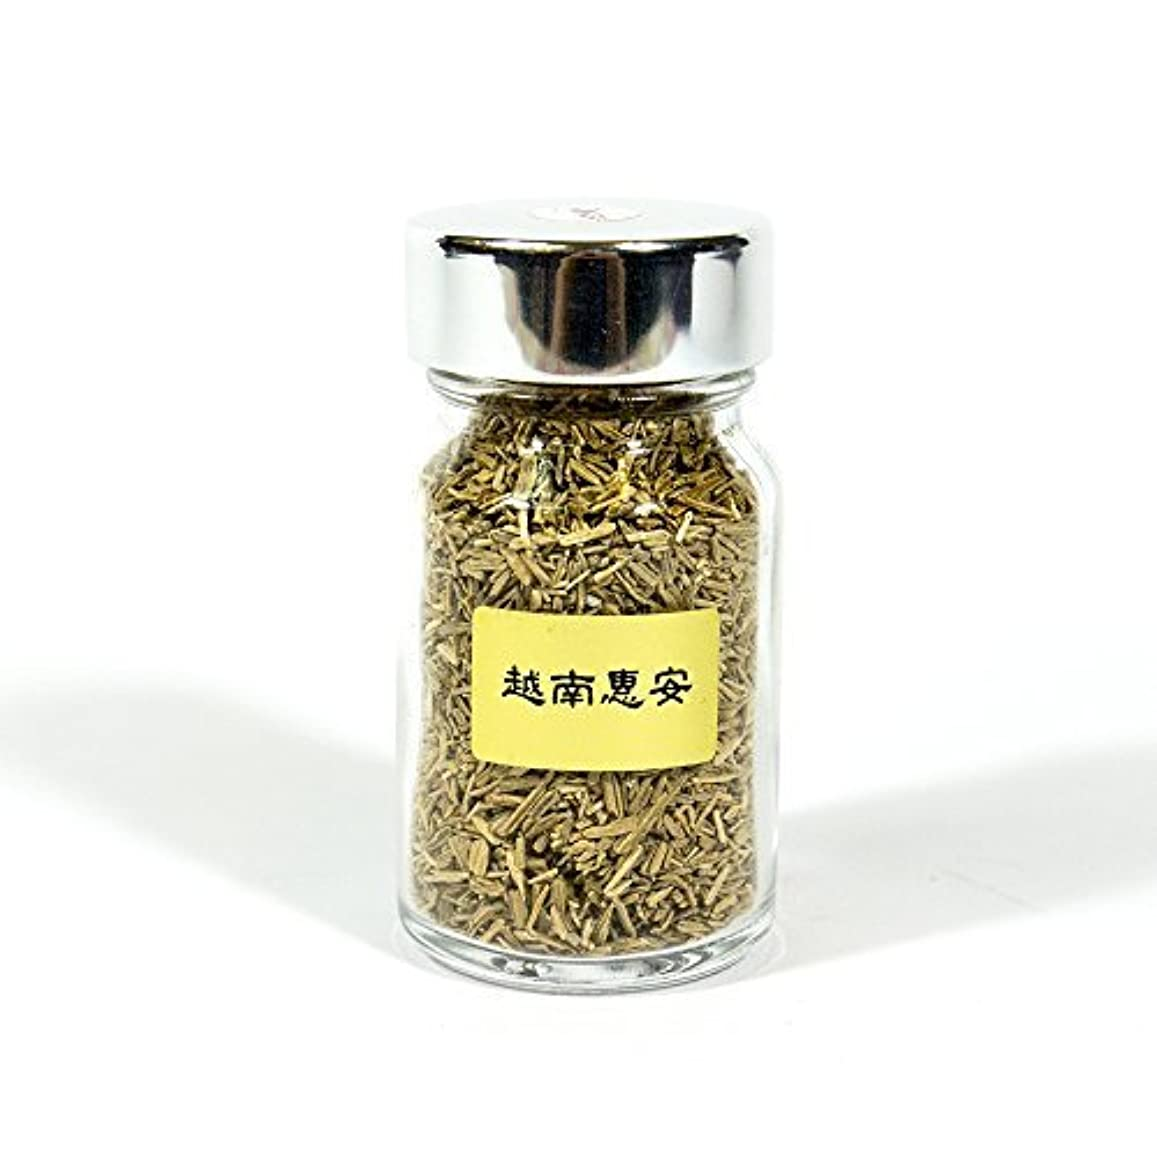 メンバー学習ターゲットAgarwood Aloeswood Oud Chip Scrap Vietnam Hoi-An 10g Cultivated Suitable for Electric Burner by IncenseHouse -...